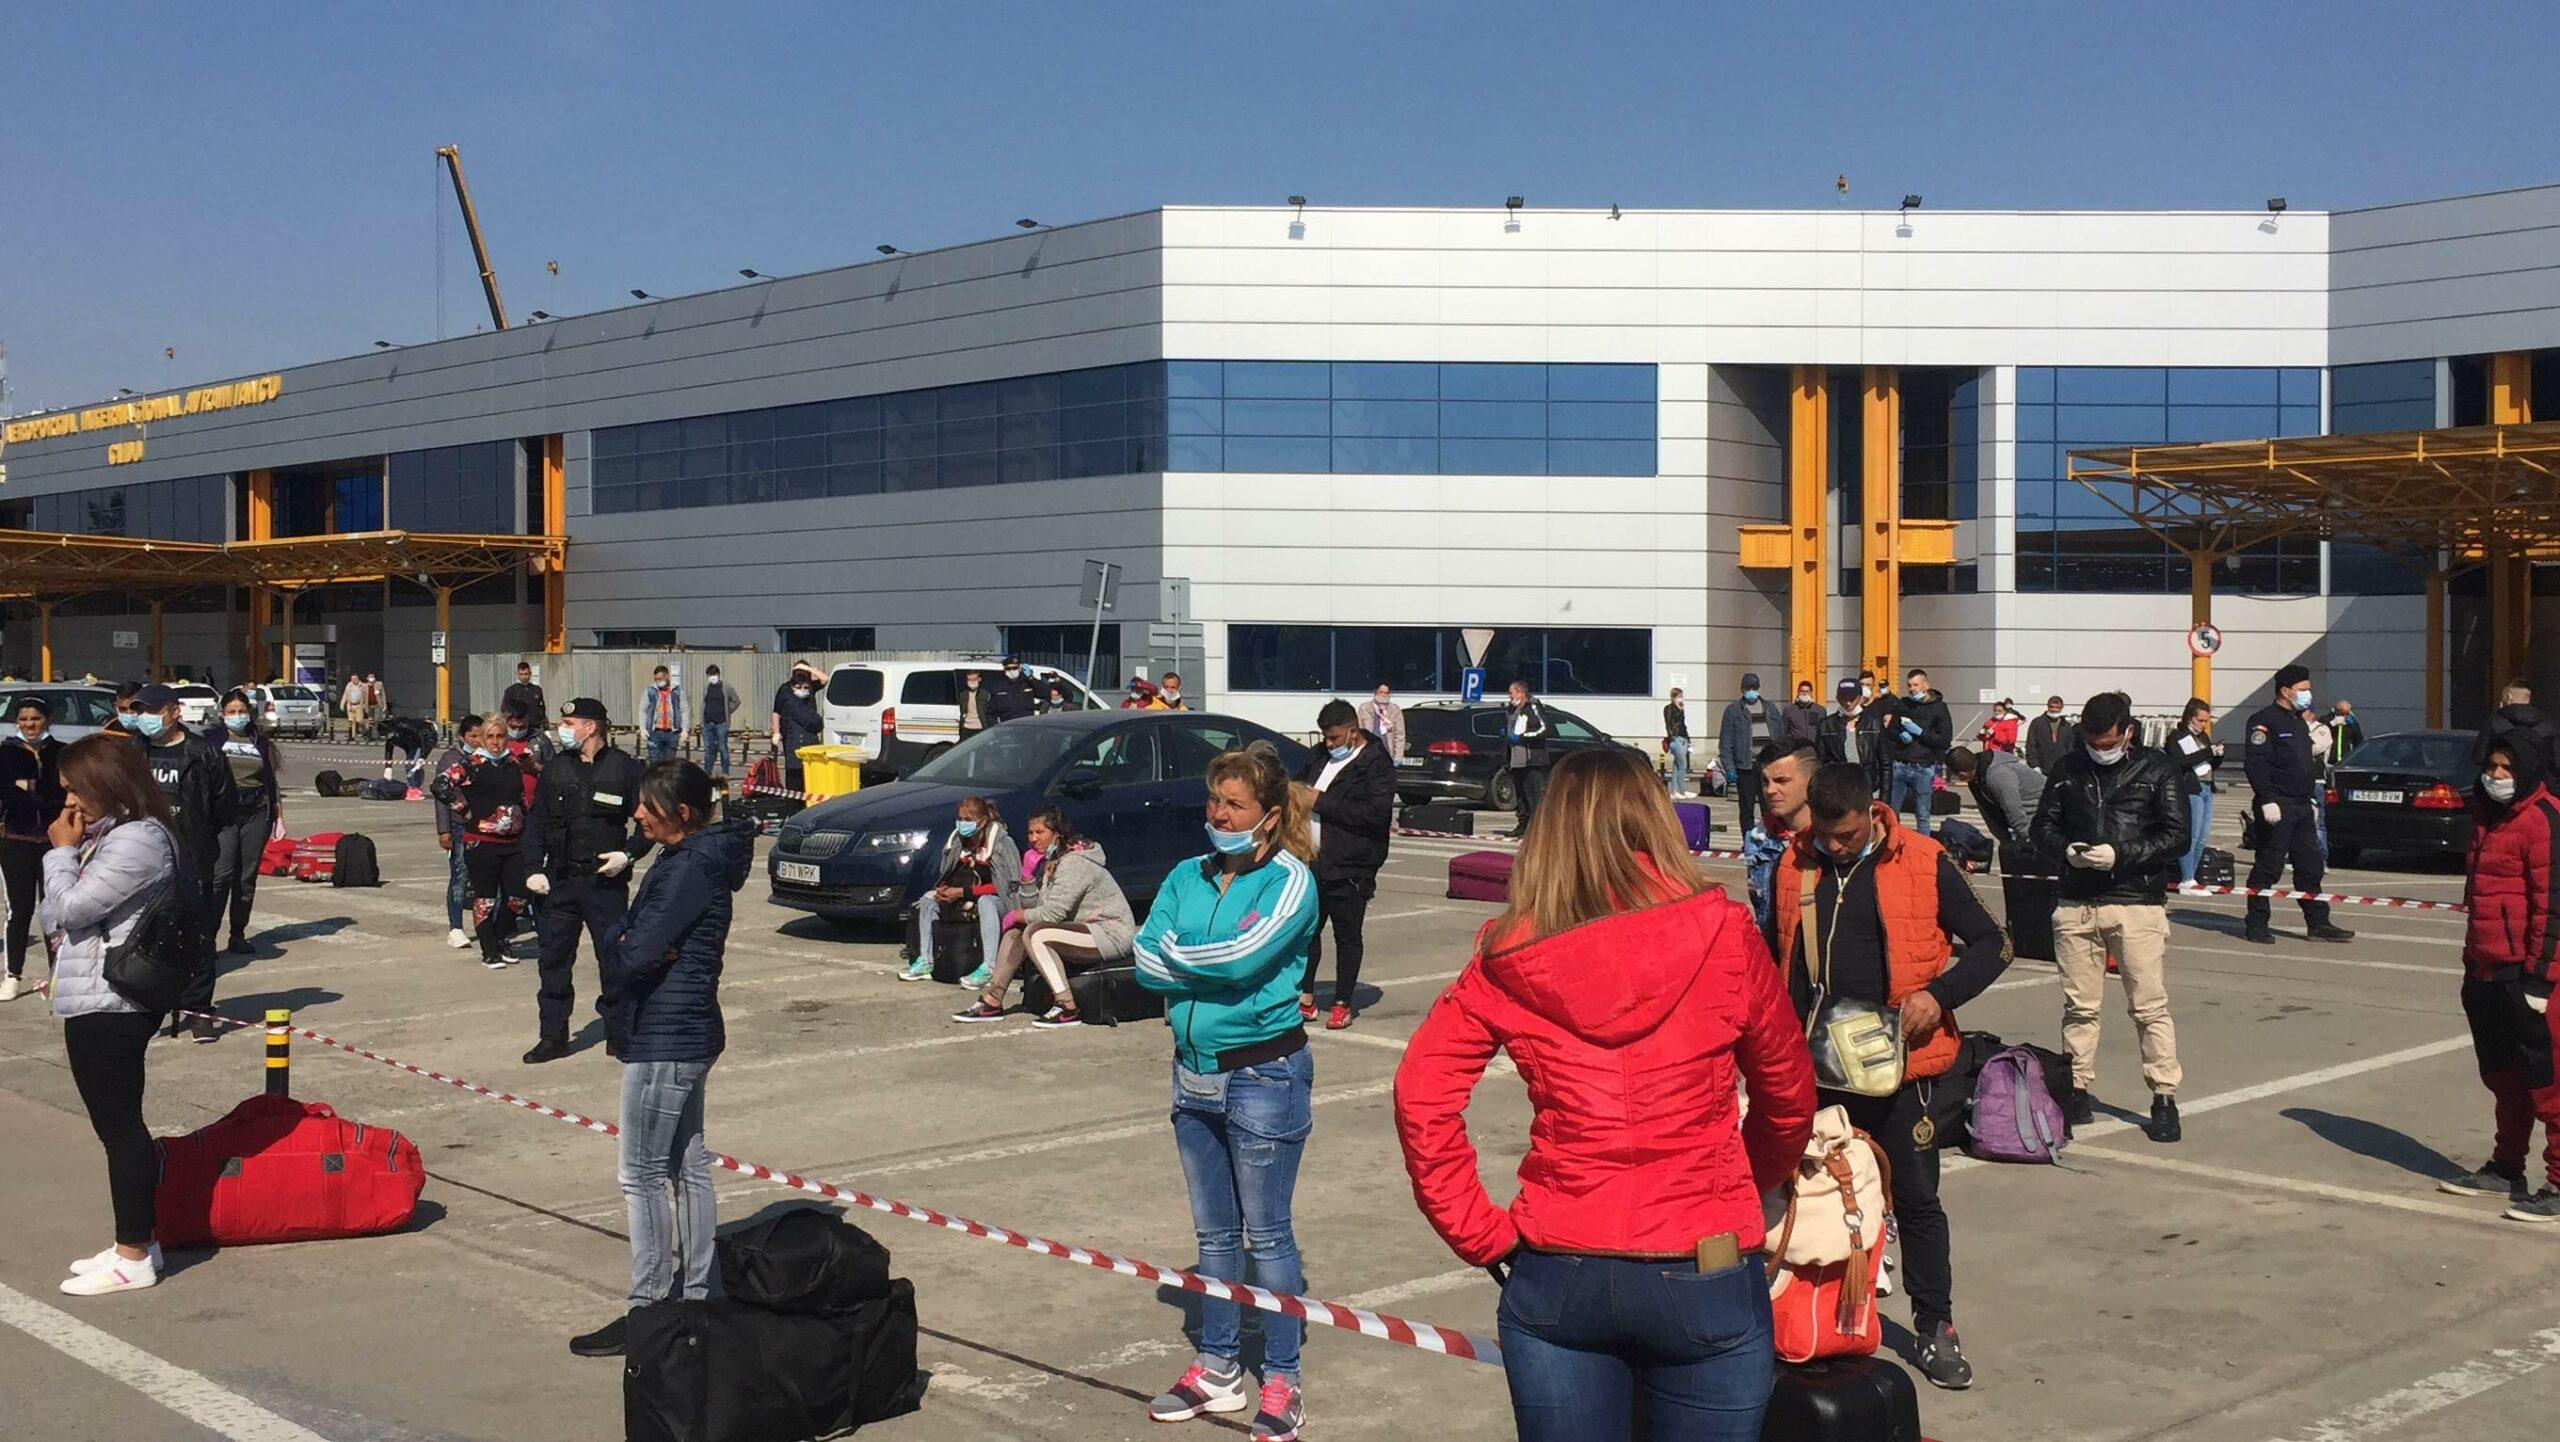 EXCLUSIV. UPDATE. Articolul EvZ a pus în mișcare autoritățile! Vin avioanele la Cluj. VIDEO